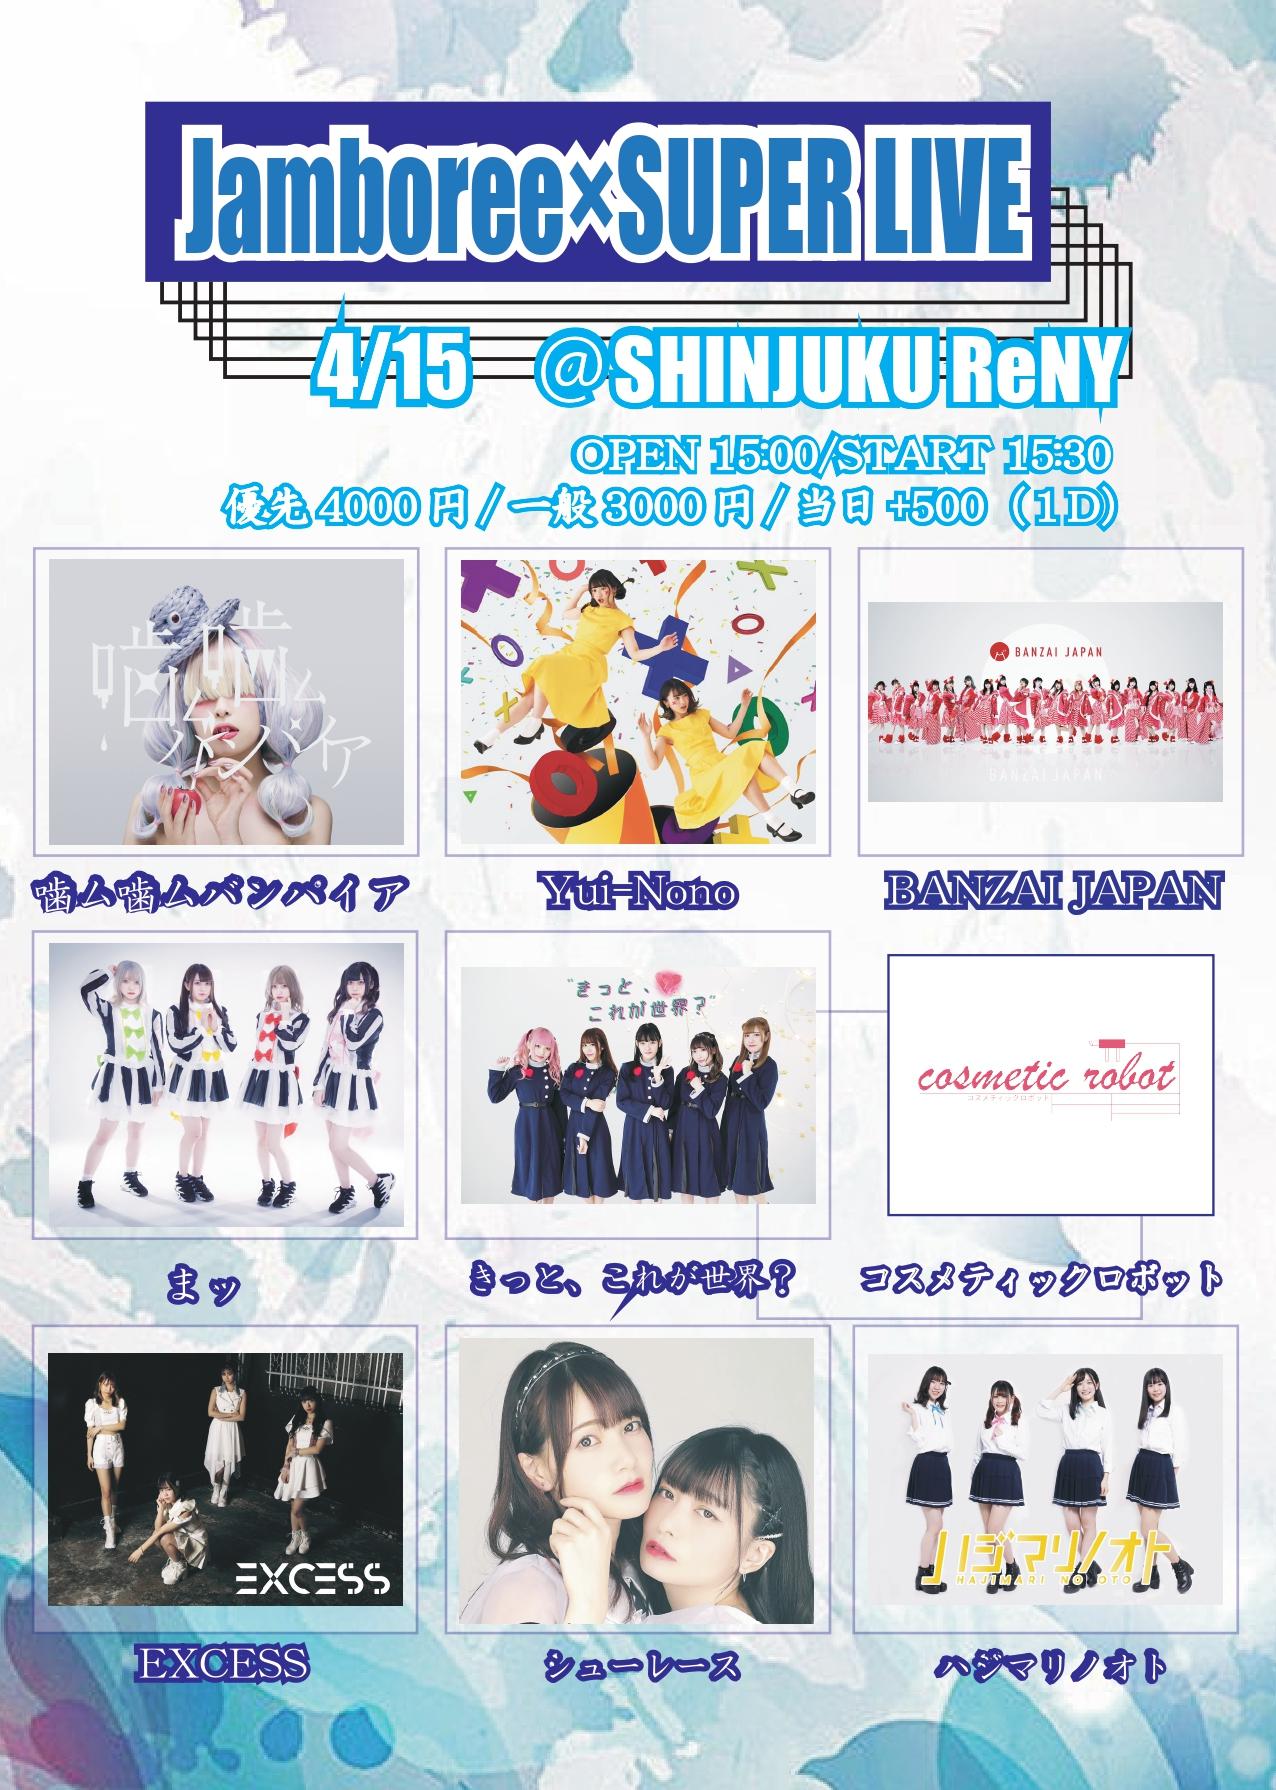 Jamboree×SUPER LIVE